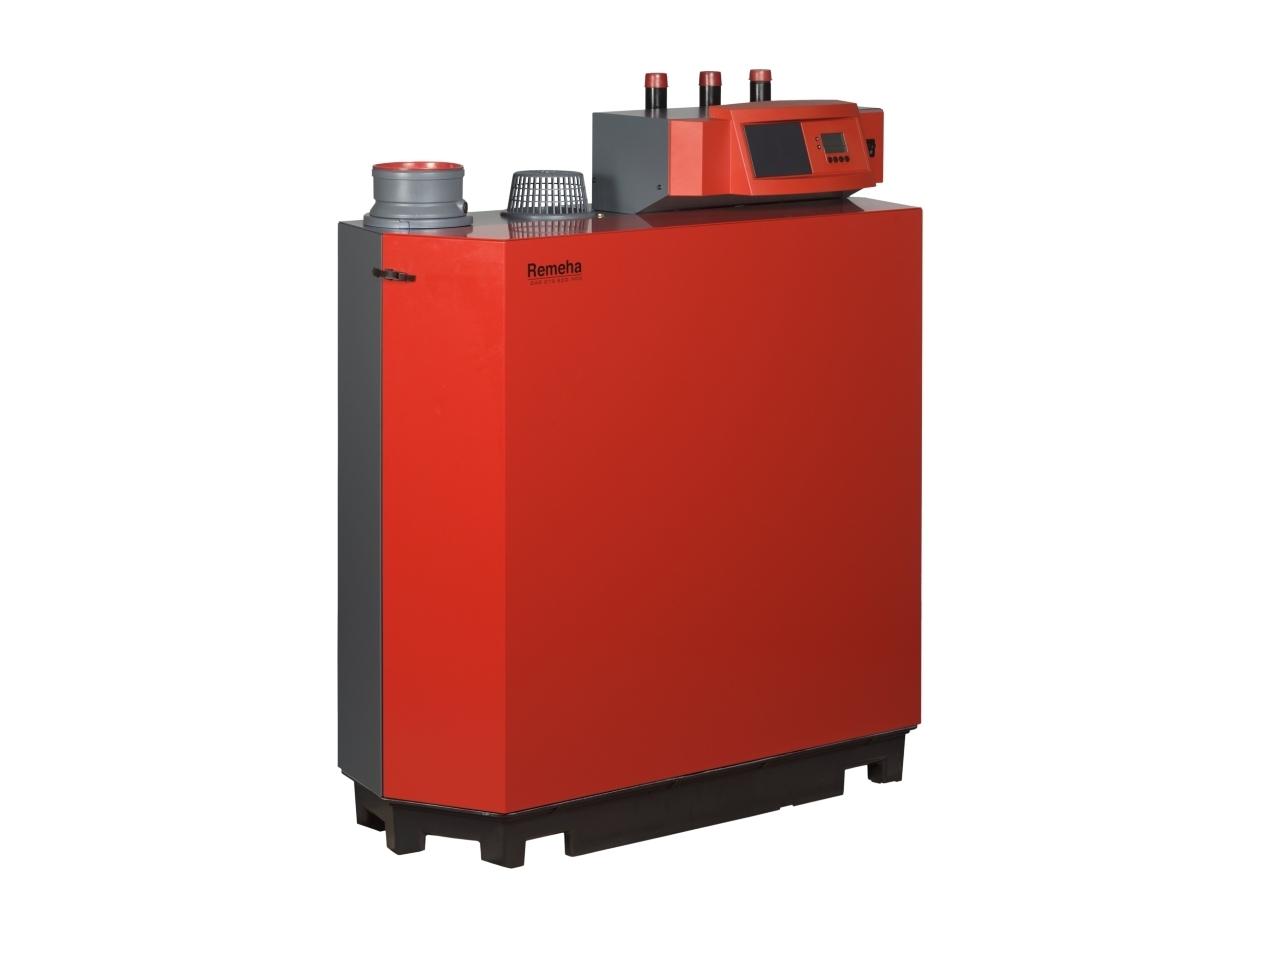 kotlovi grijanje topla voda bojleri petrokov